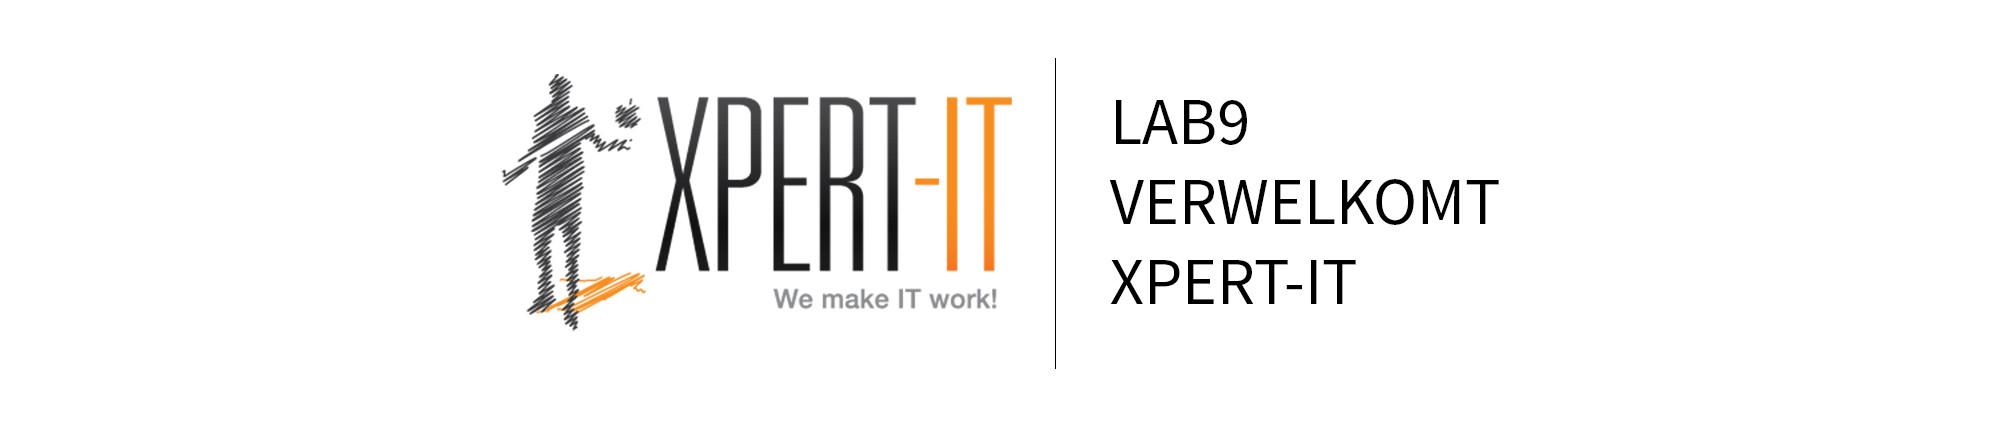 OvernameXpert-IT-NL.jpg